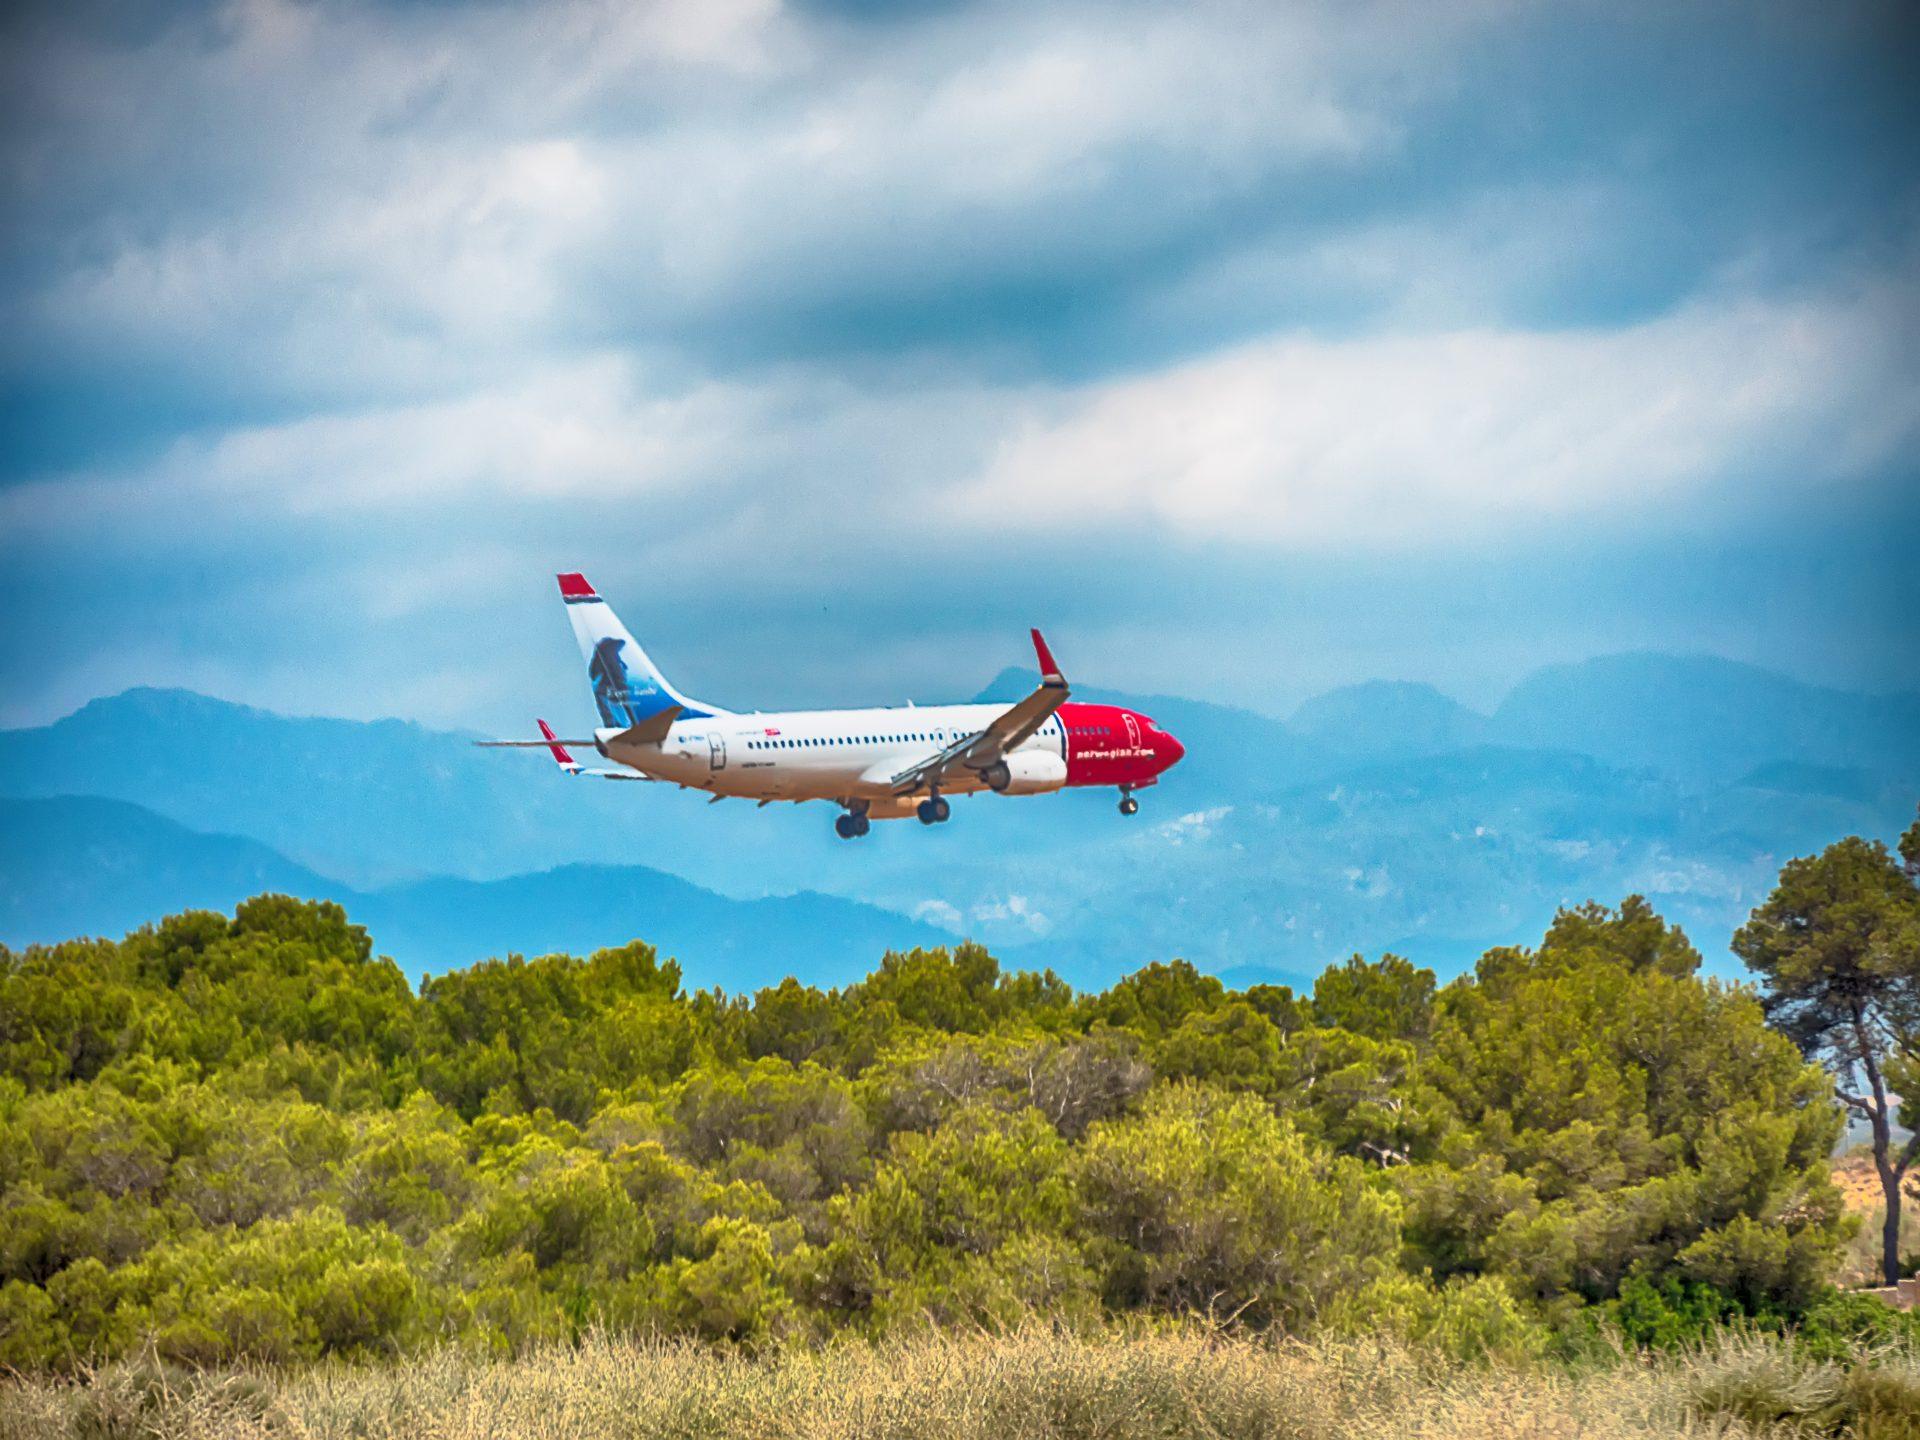 Flüge Von Saarbrücken nach Palma de Mallorca ab 19,99€ 1